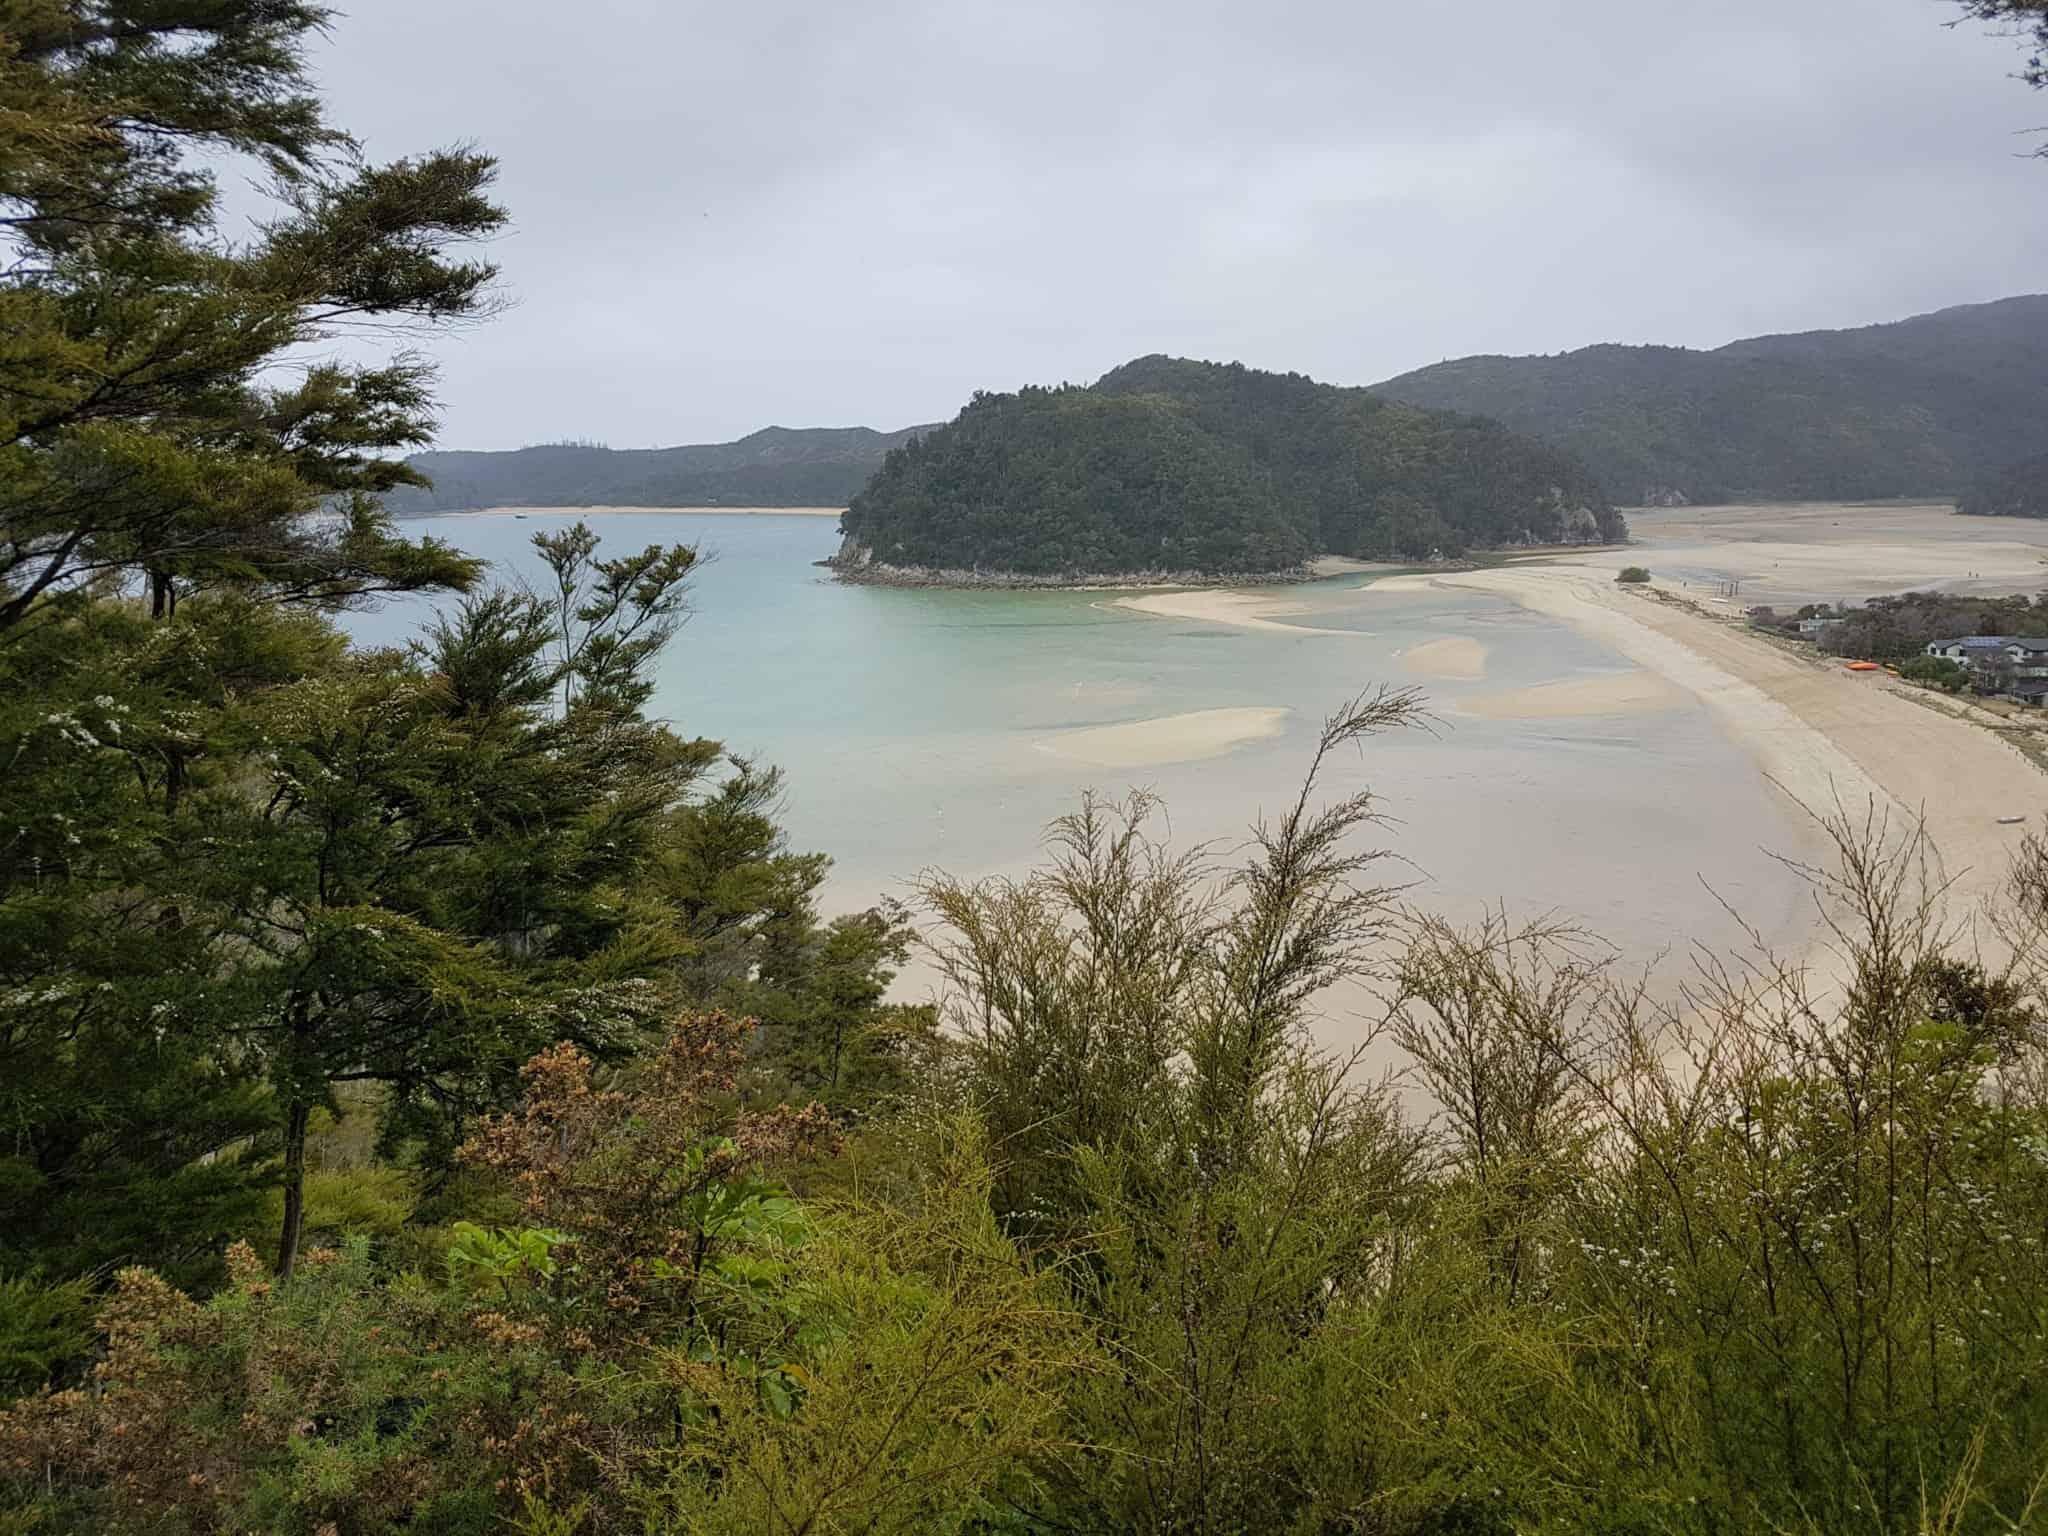 Nouvelle-Zélande, 24 km de randonnée sous la pluie dans le parc d'Abel Tasman 🌧 15